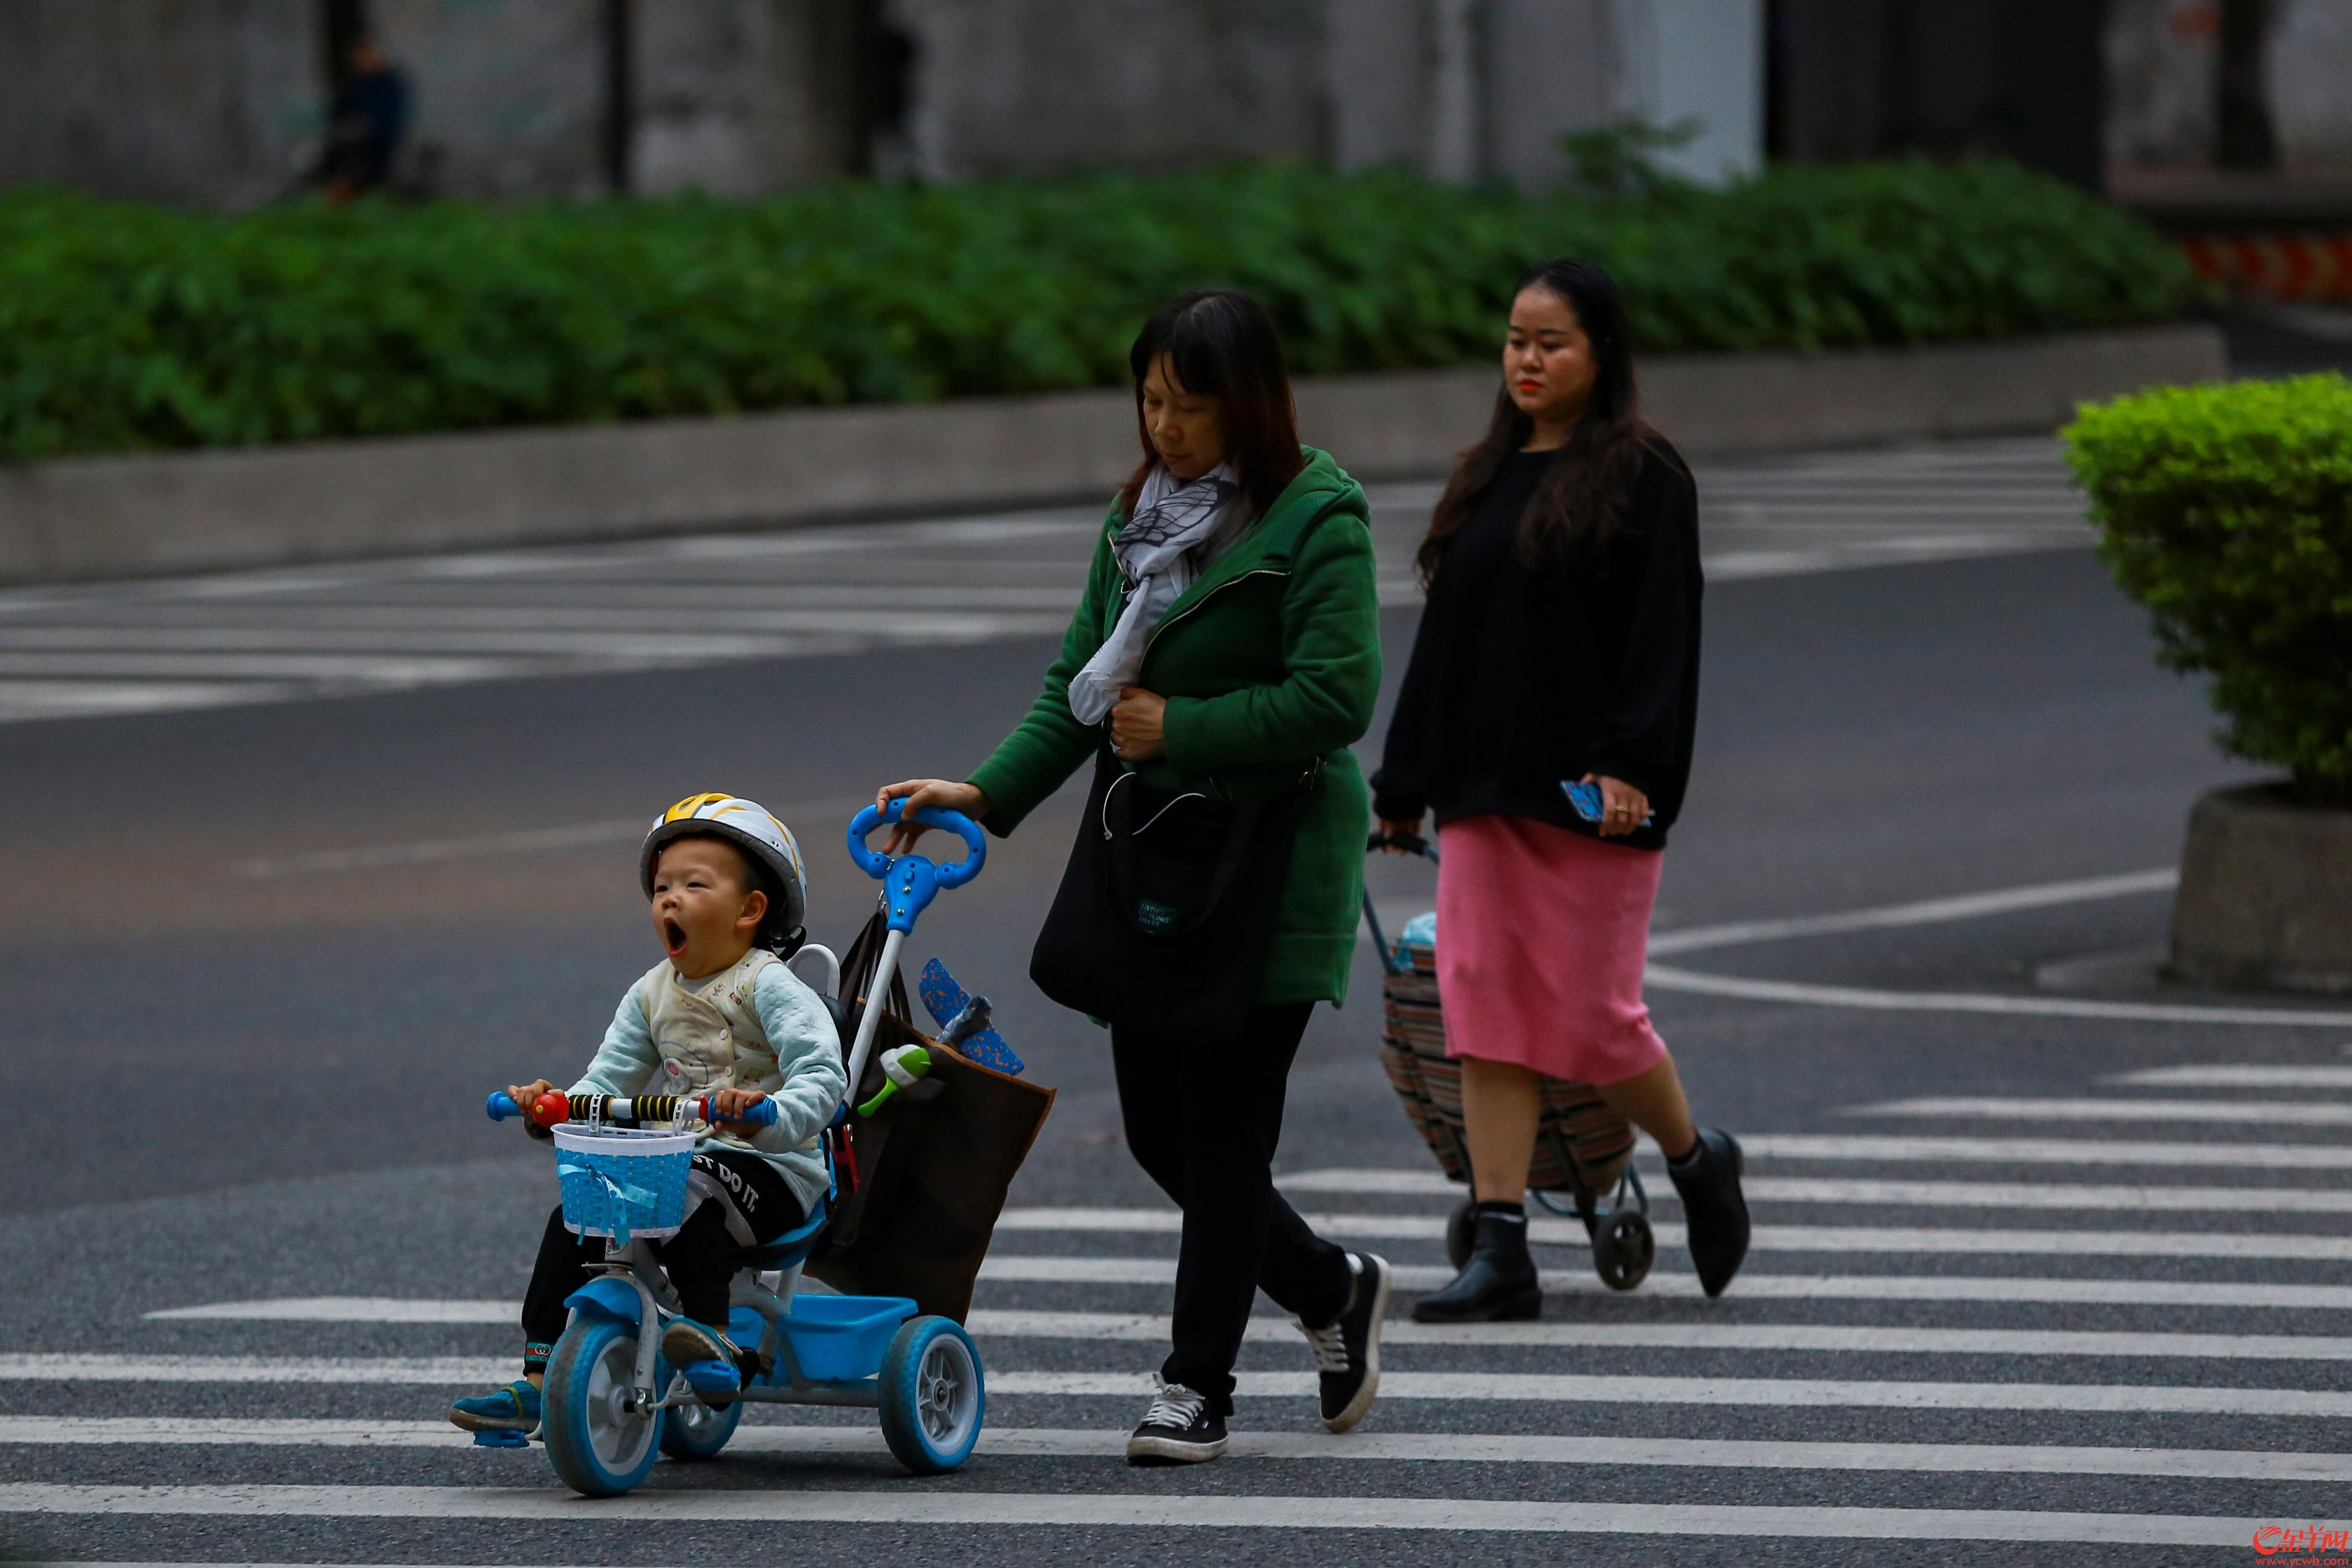 2018年12月7日,受冷空气影响,广州市区大面积降温,街头可见不少市民穿上了羽绒服和大衣防寒 记者 宋金峪 摄